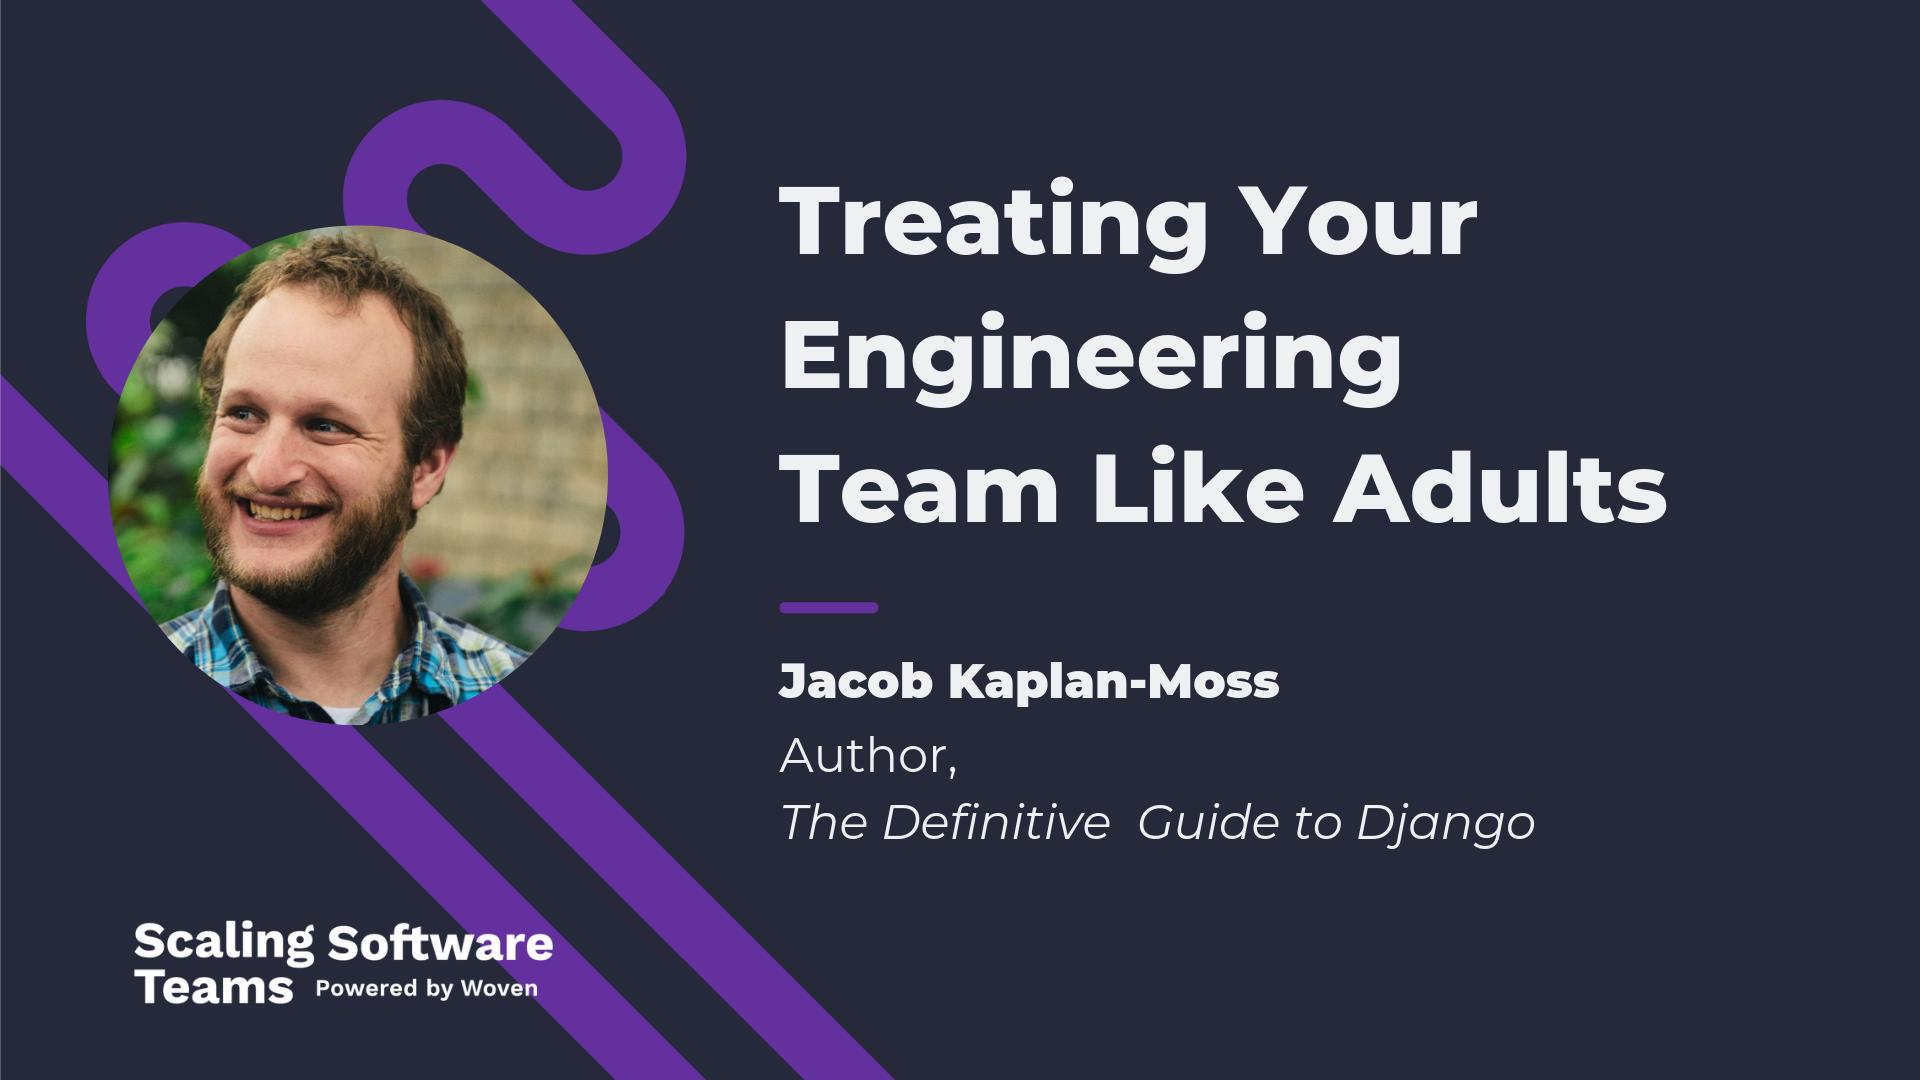 jacob-kaplan-moss-scaling-software-teams-podcast